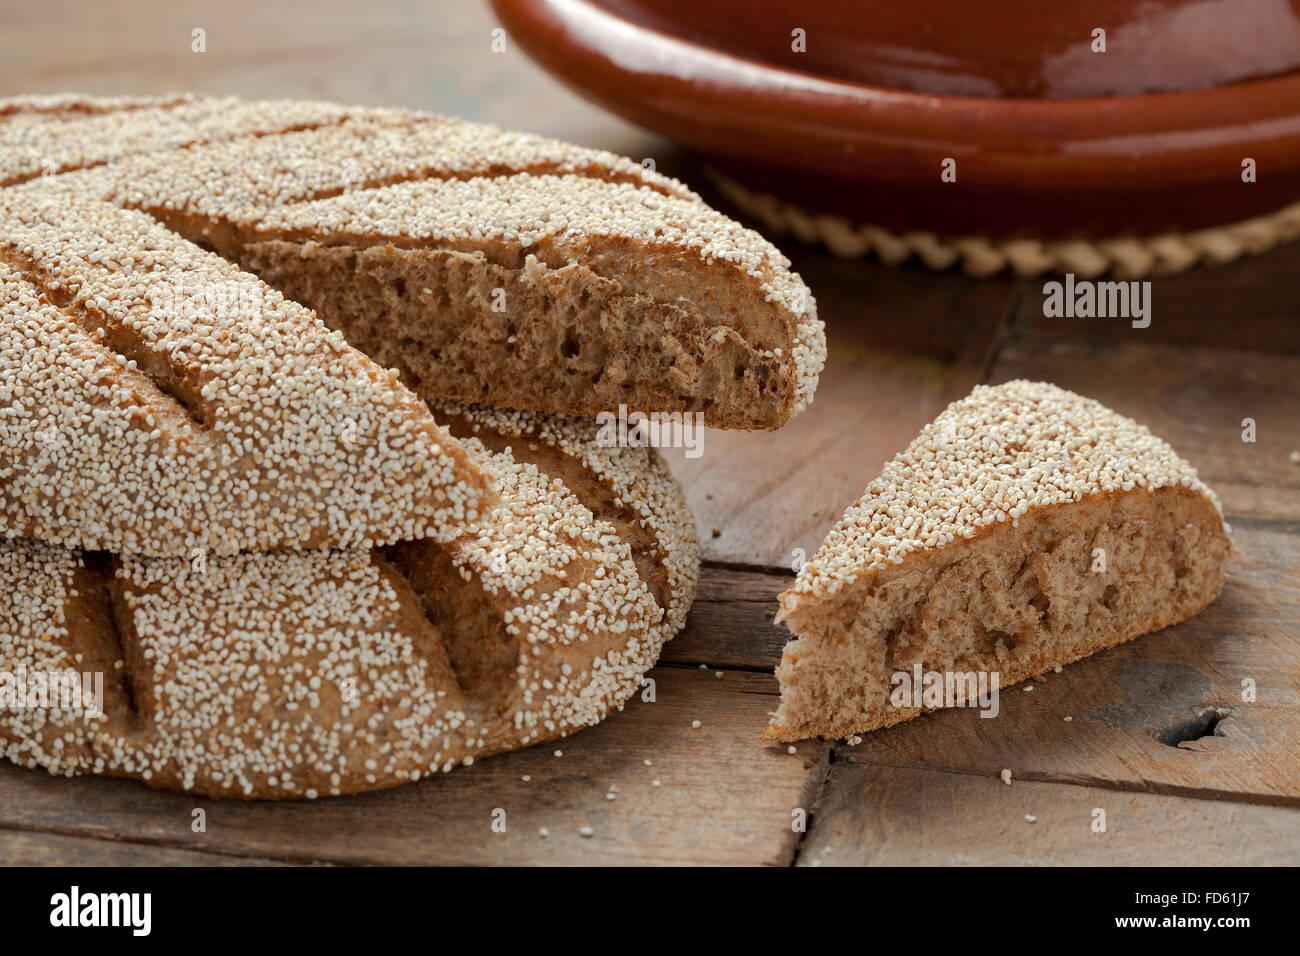 Freschi di forno marocchino pane di semola Immagini Stock